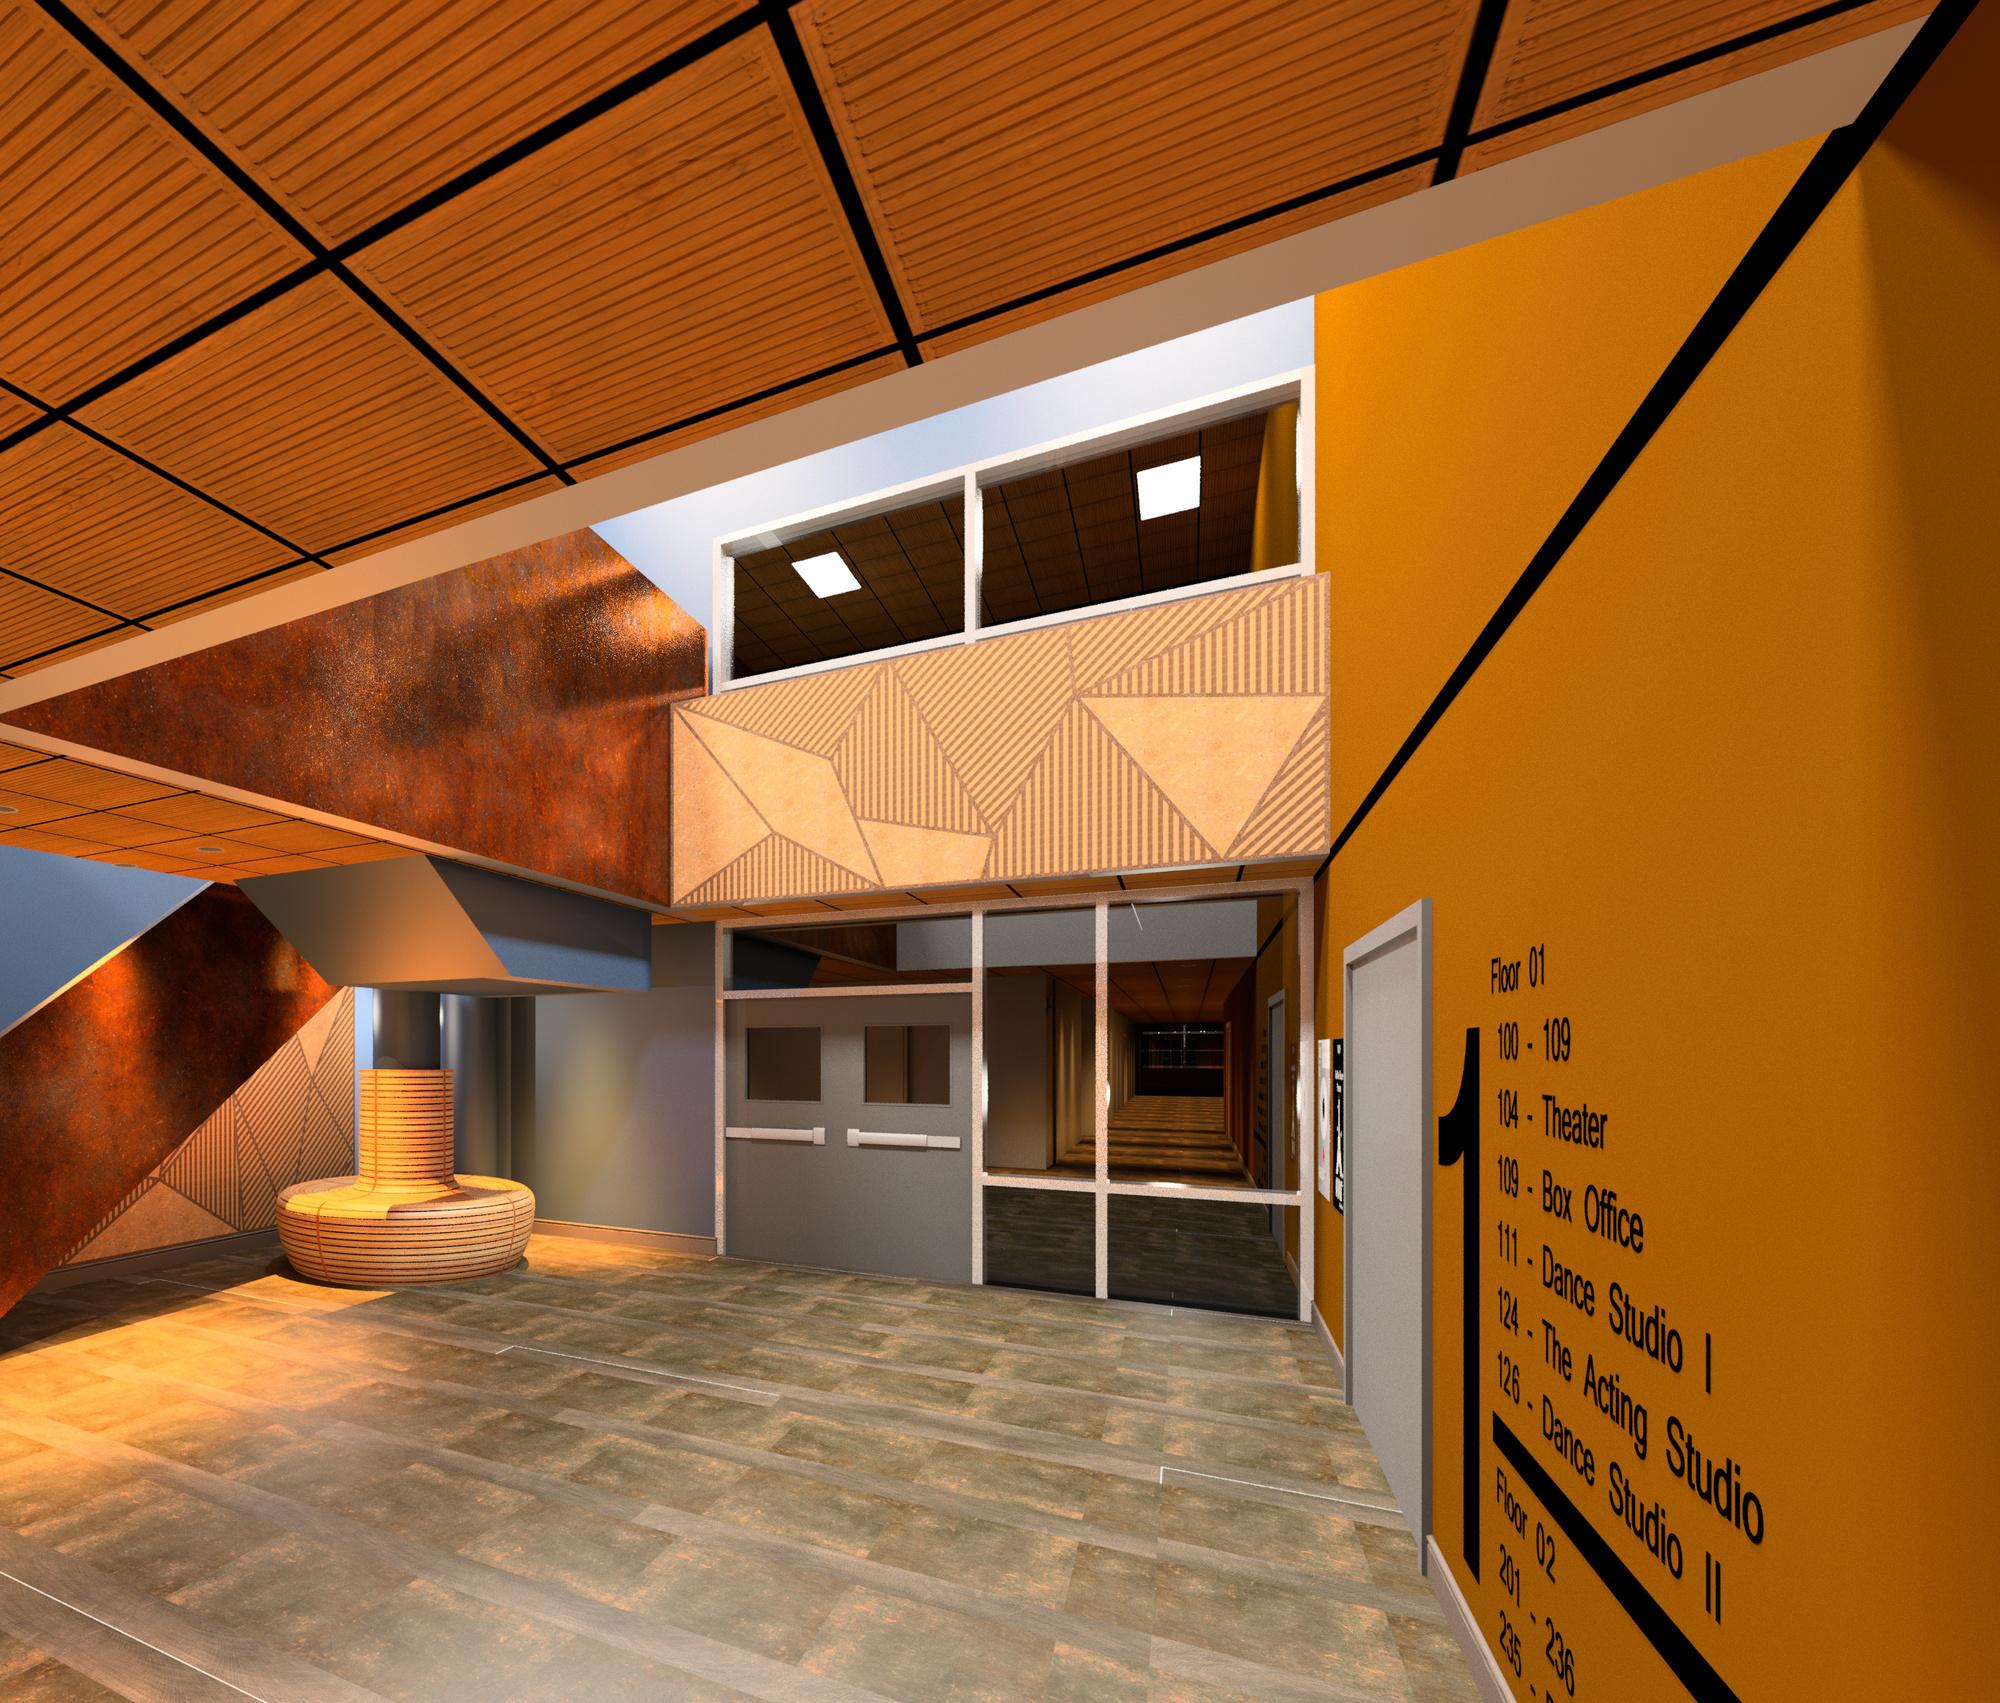 Raas-rendering20150220-8561-1nsk1q9